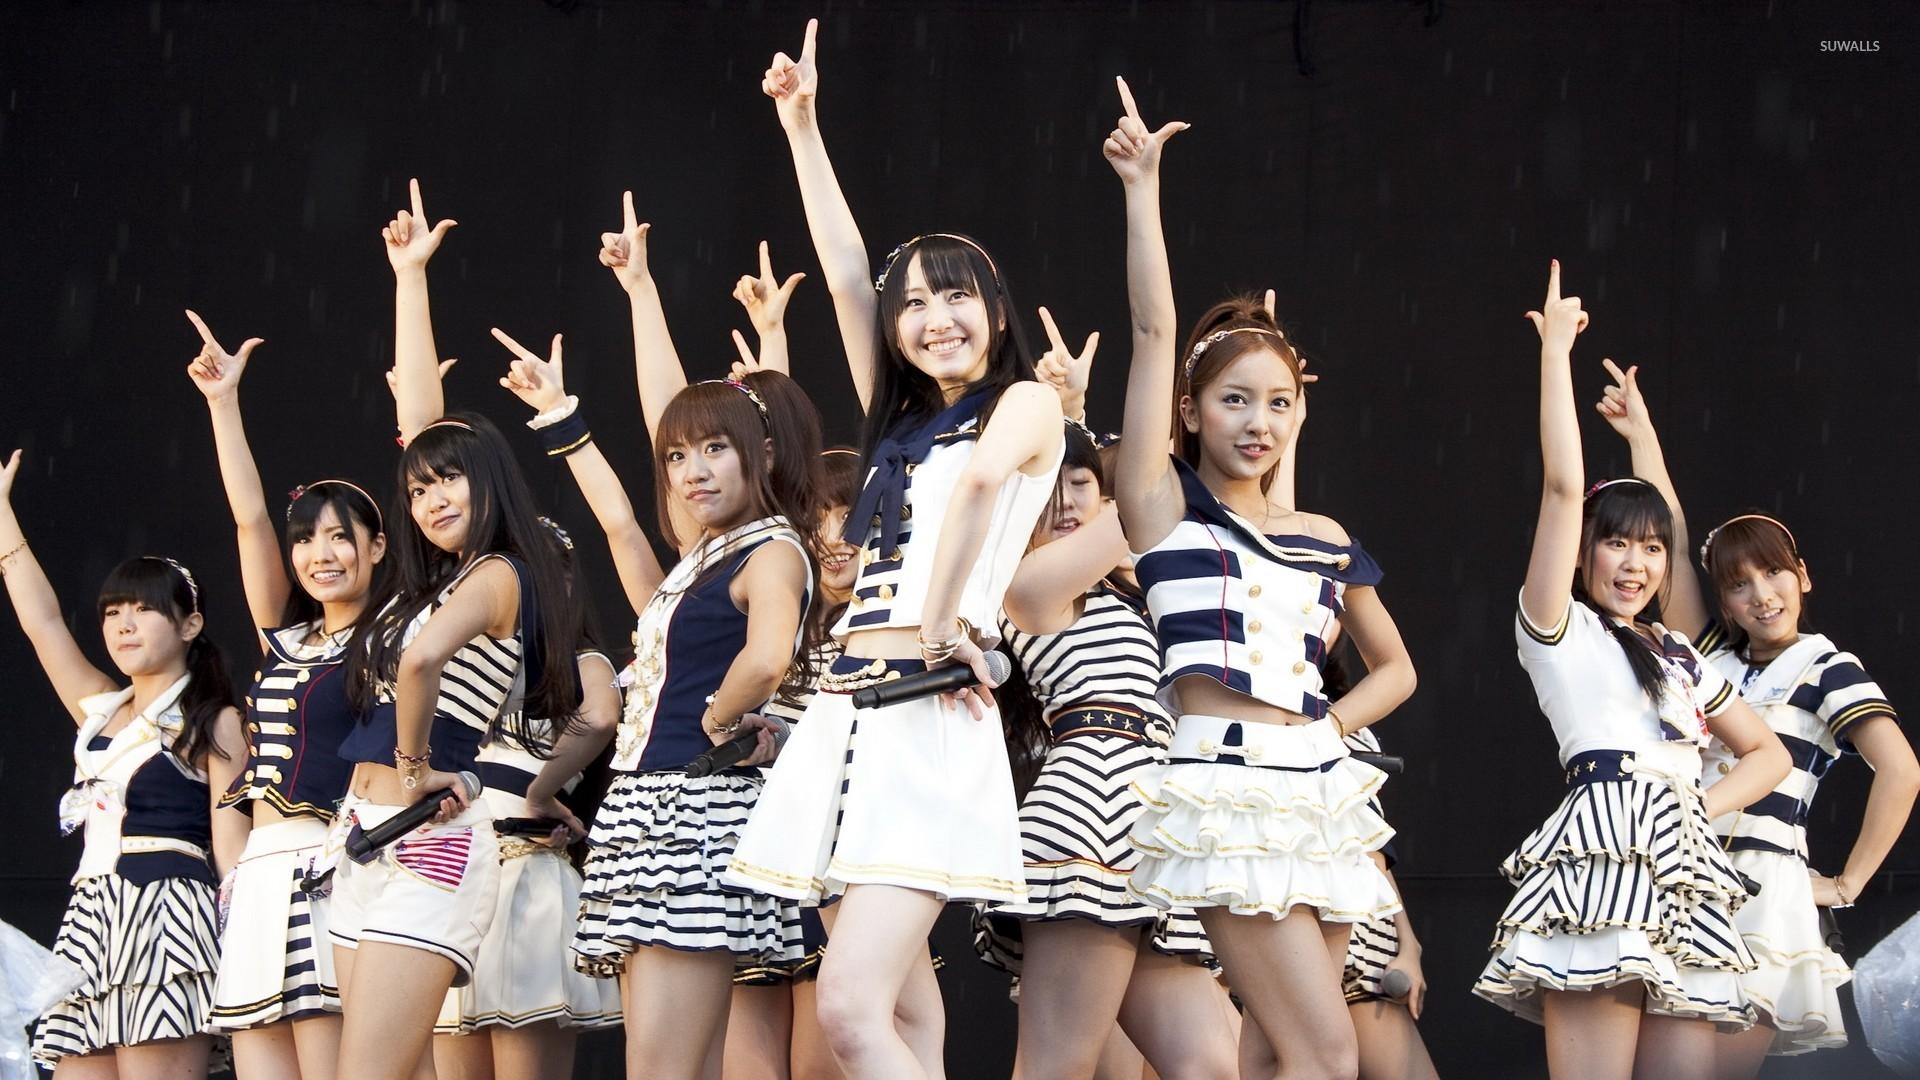 AKB48 Ubah Kebijakan Photo Gravure Terhadap Membernya